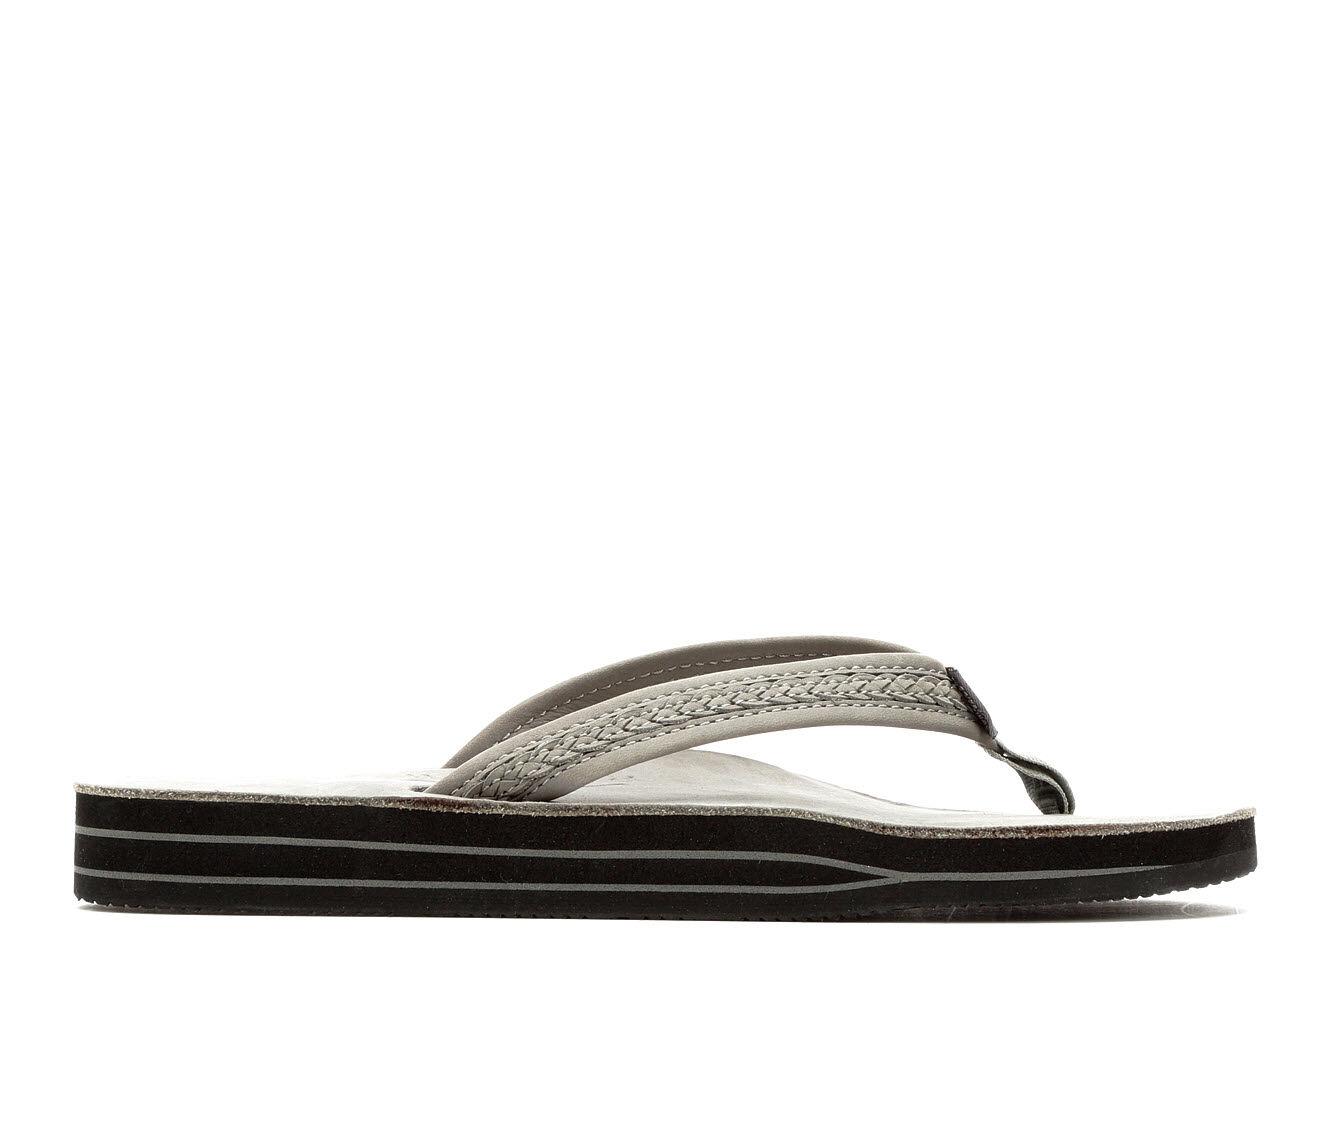 Women's Rainbow Sandals Willow Leather Flip-Flops Grey